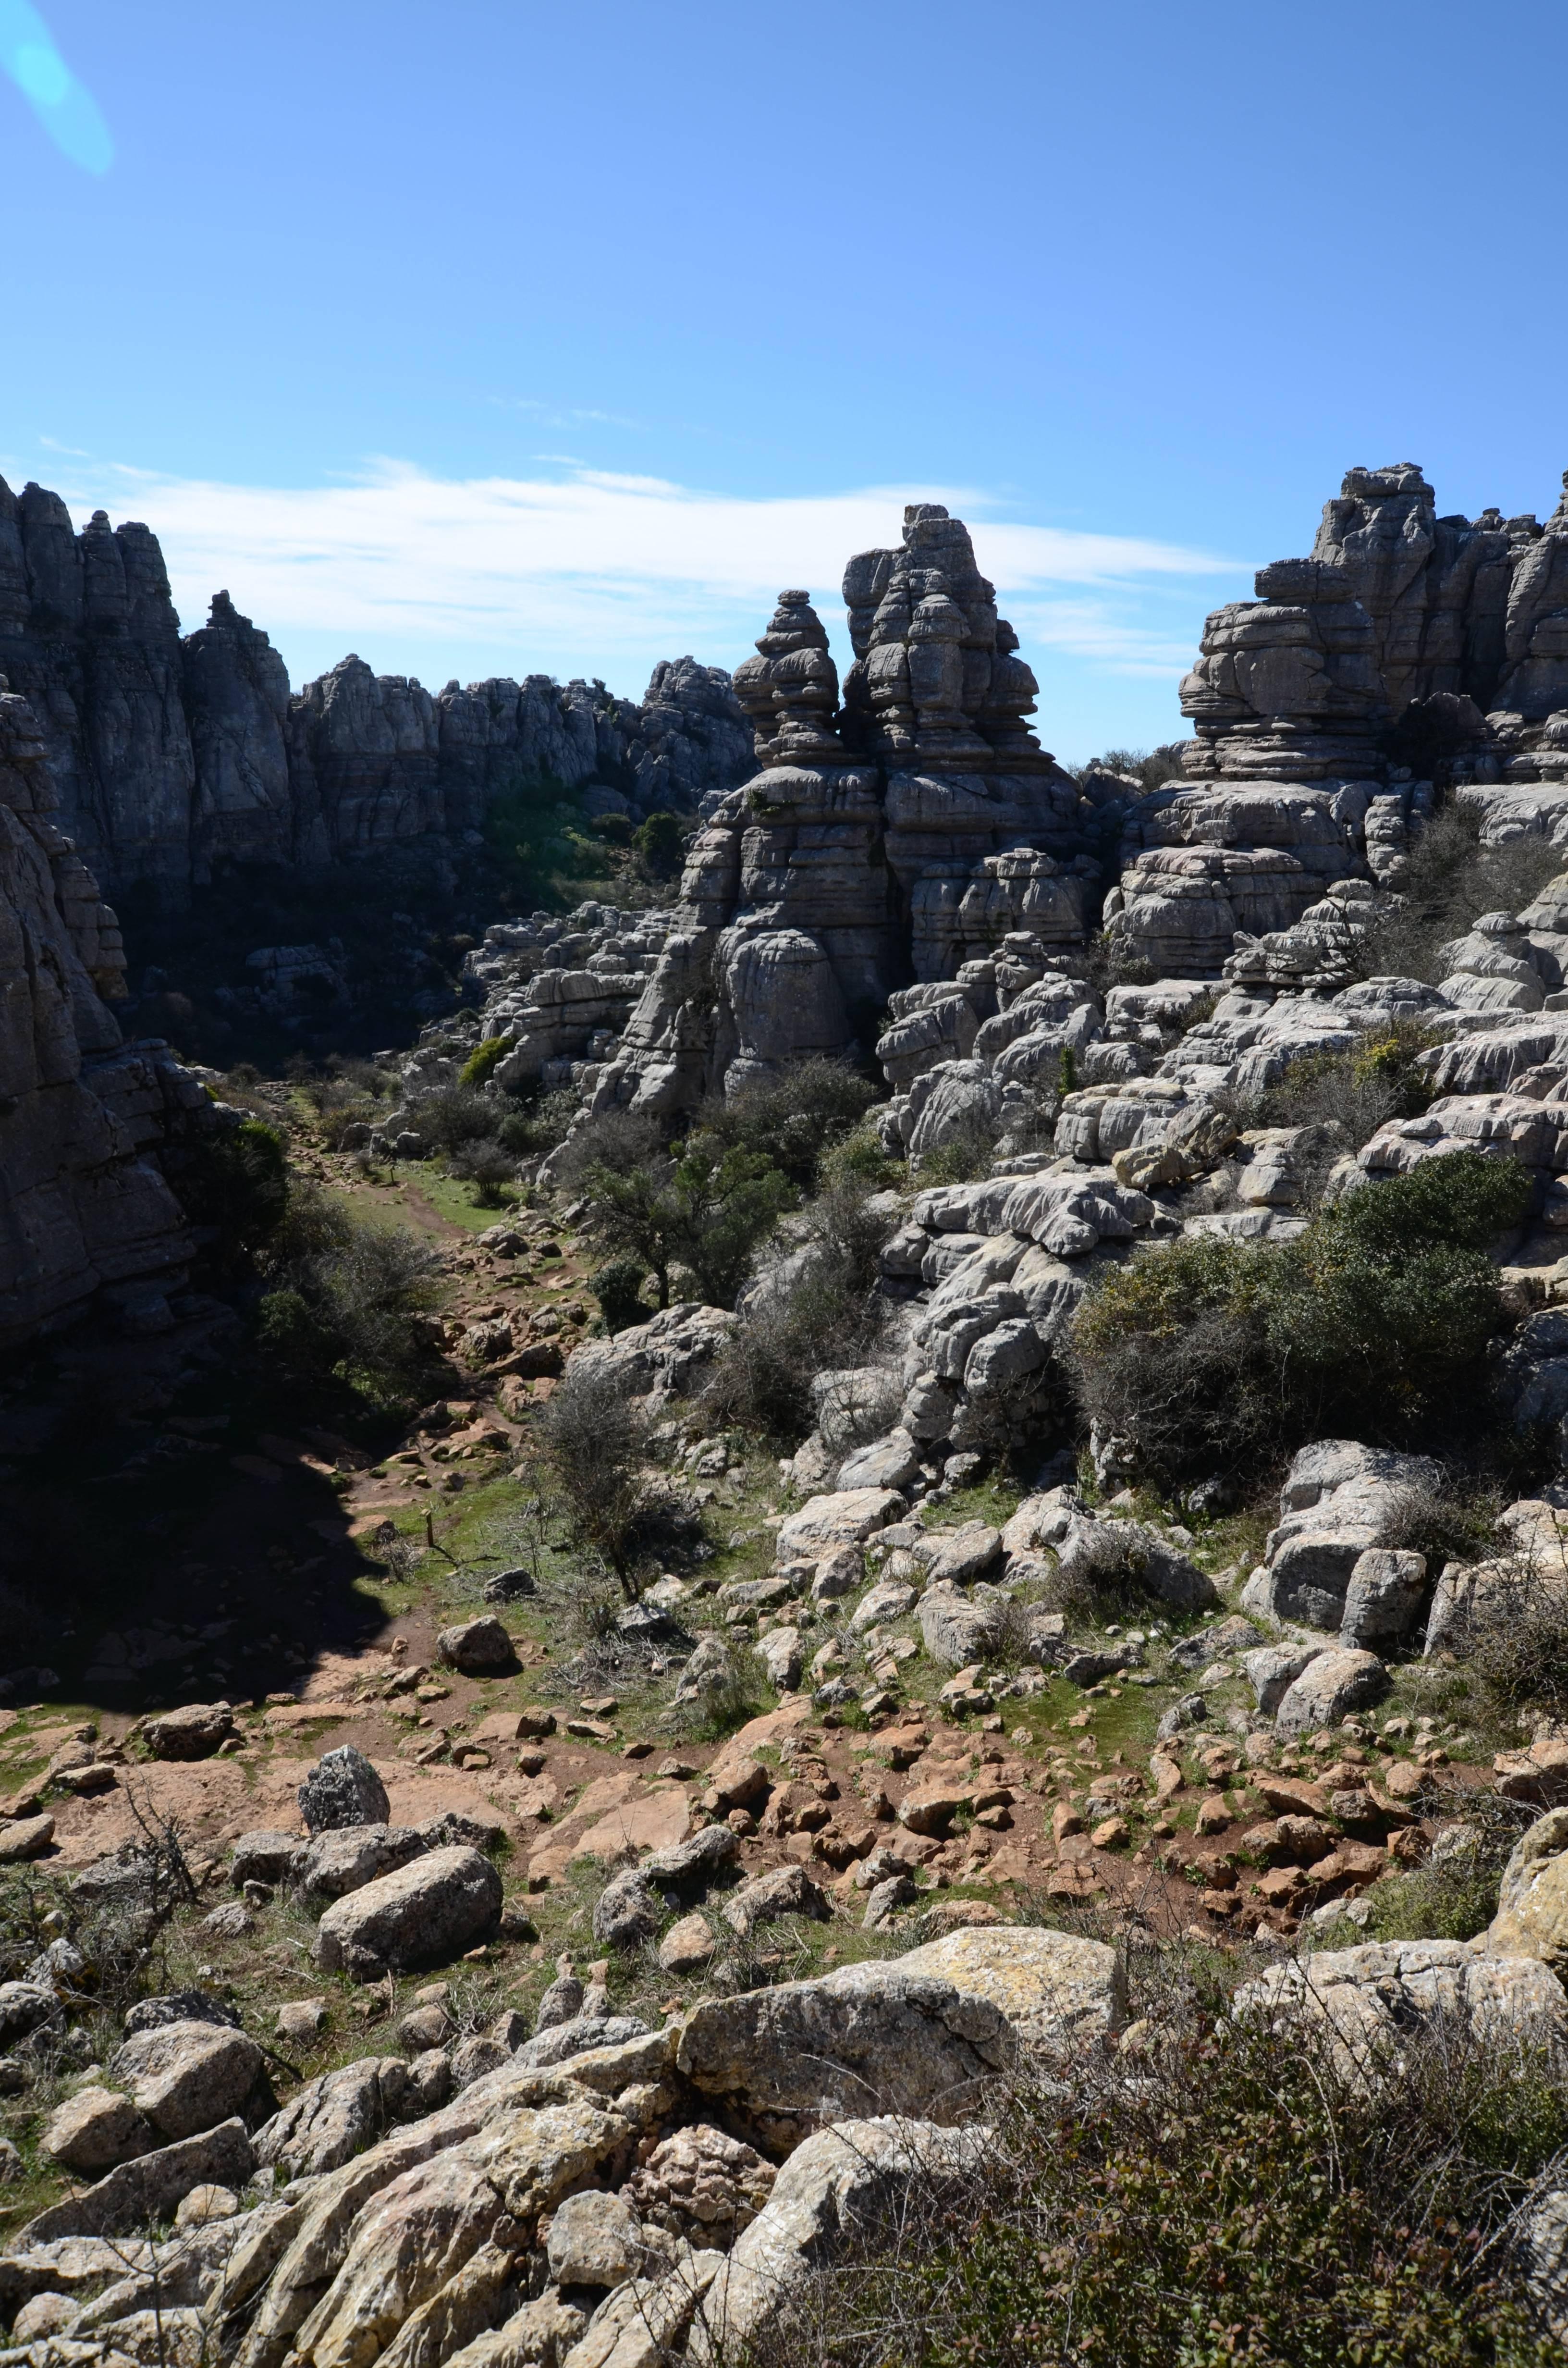 Photo 2: Un site de rochers sculptés par l'eau